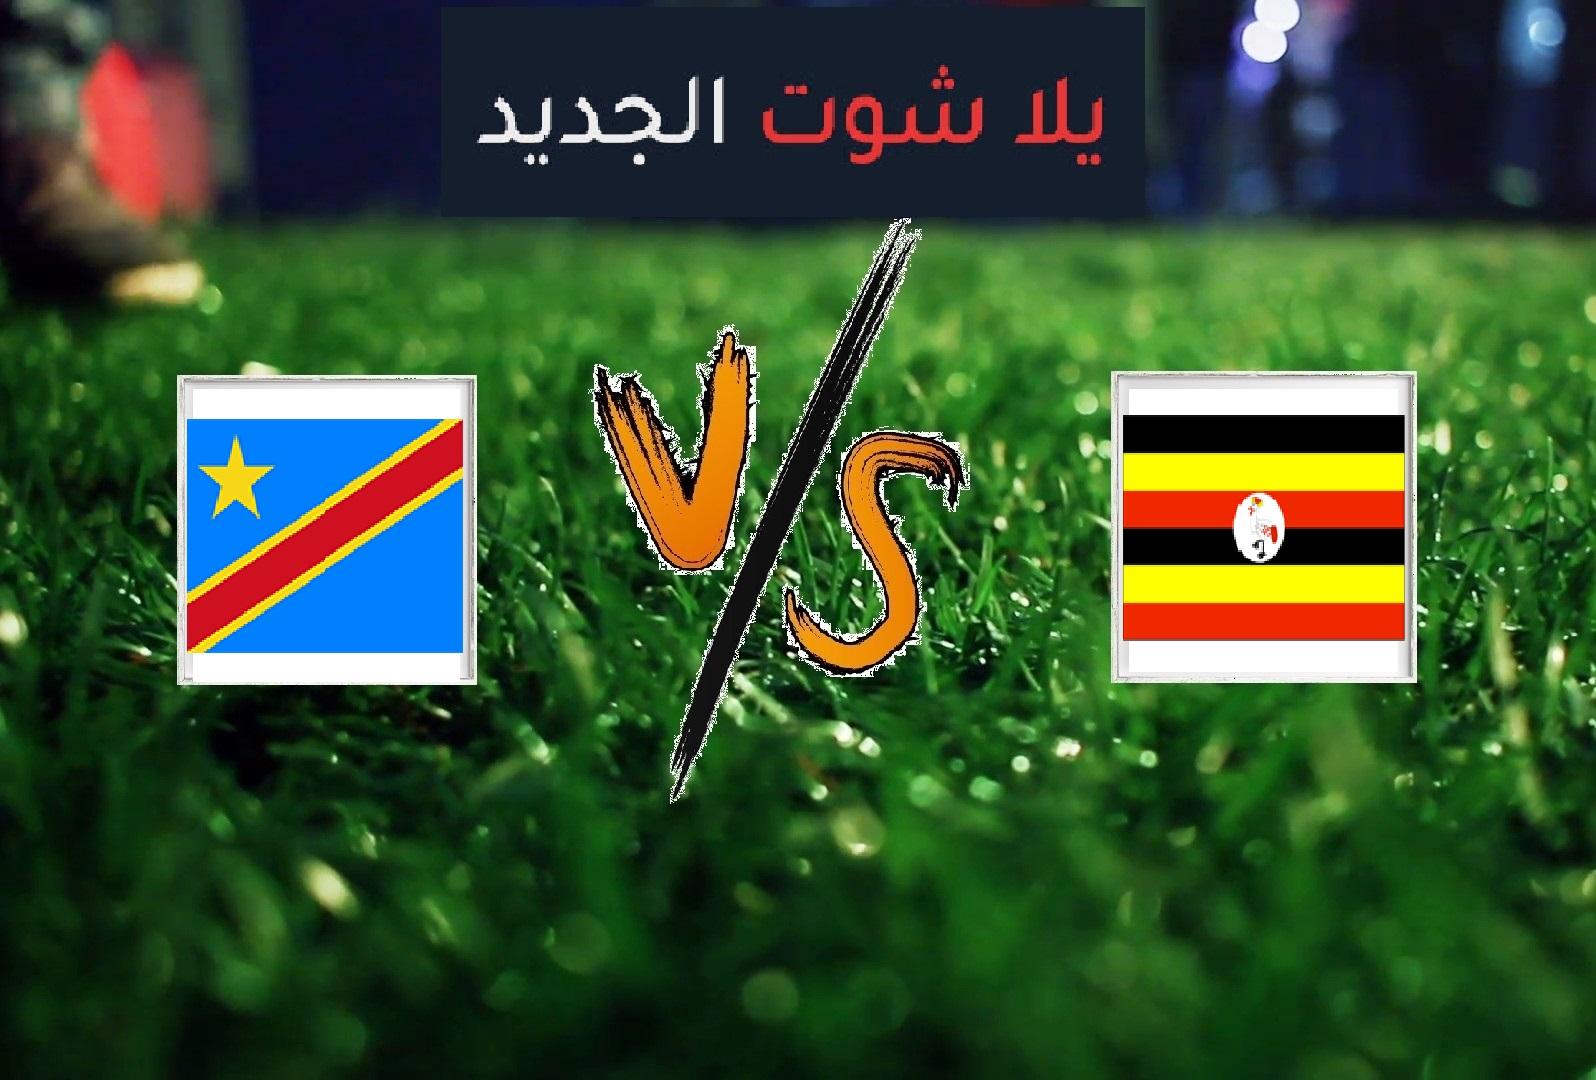 نتيجة مباراة جمهورية الكونغو واوغندا بتاريخ 22-06-2019 كأس الأمم الأفريقية